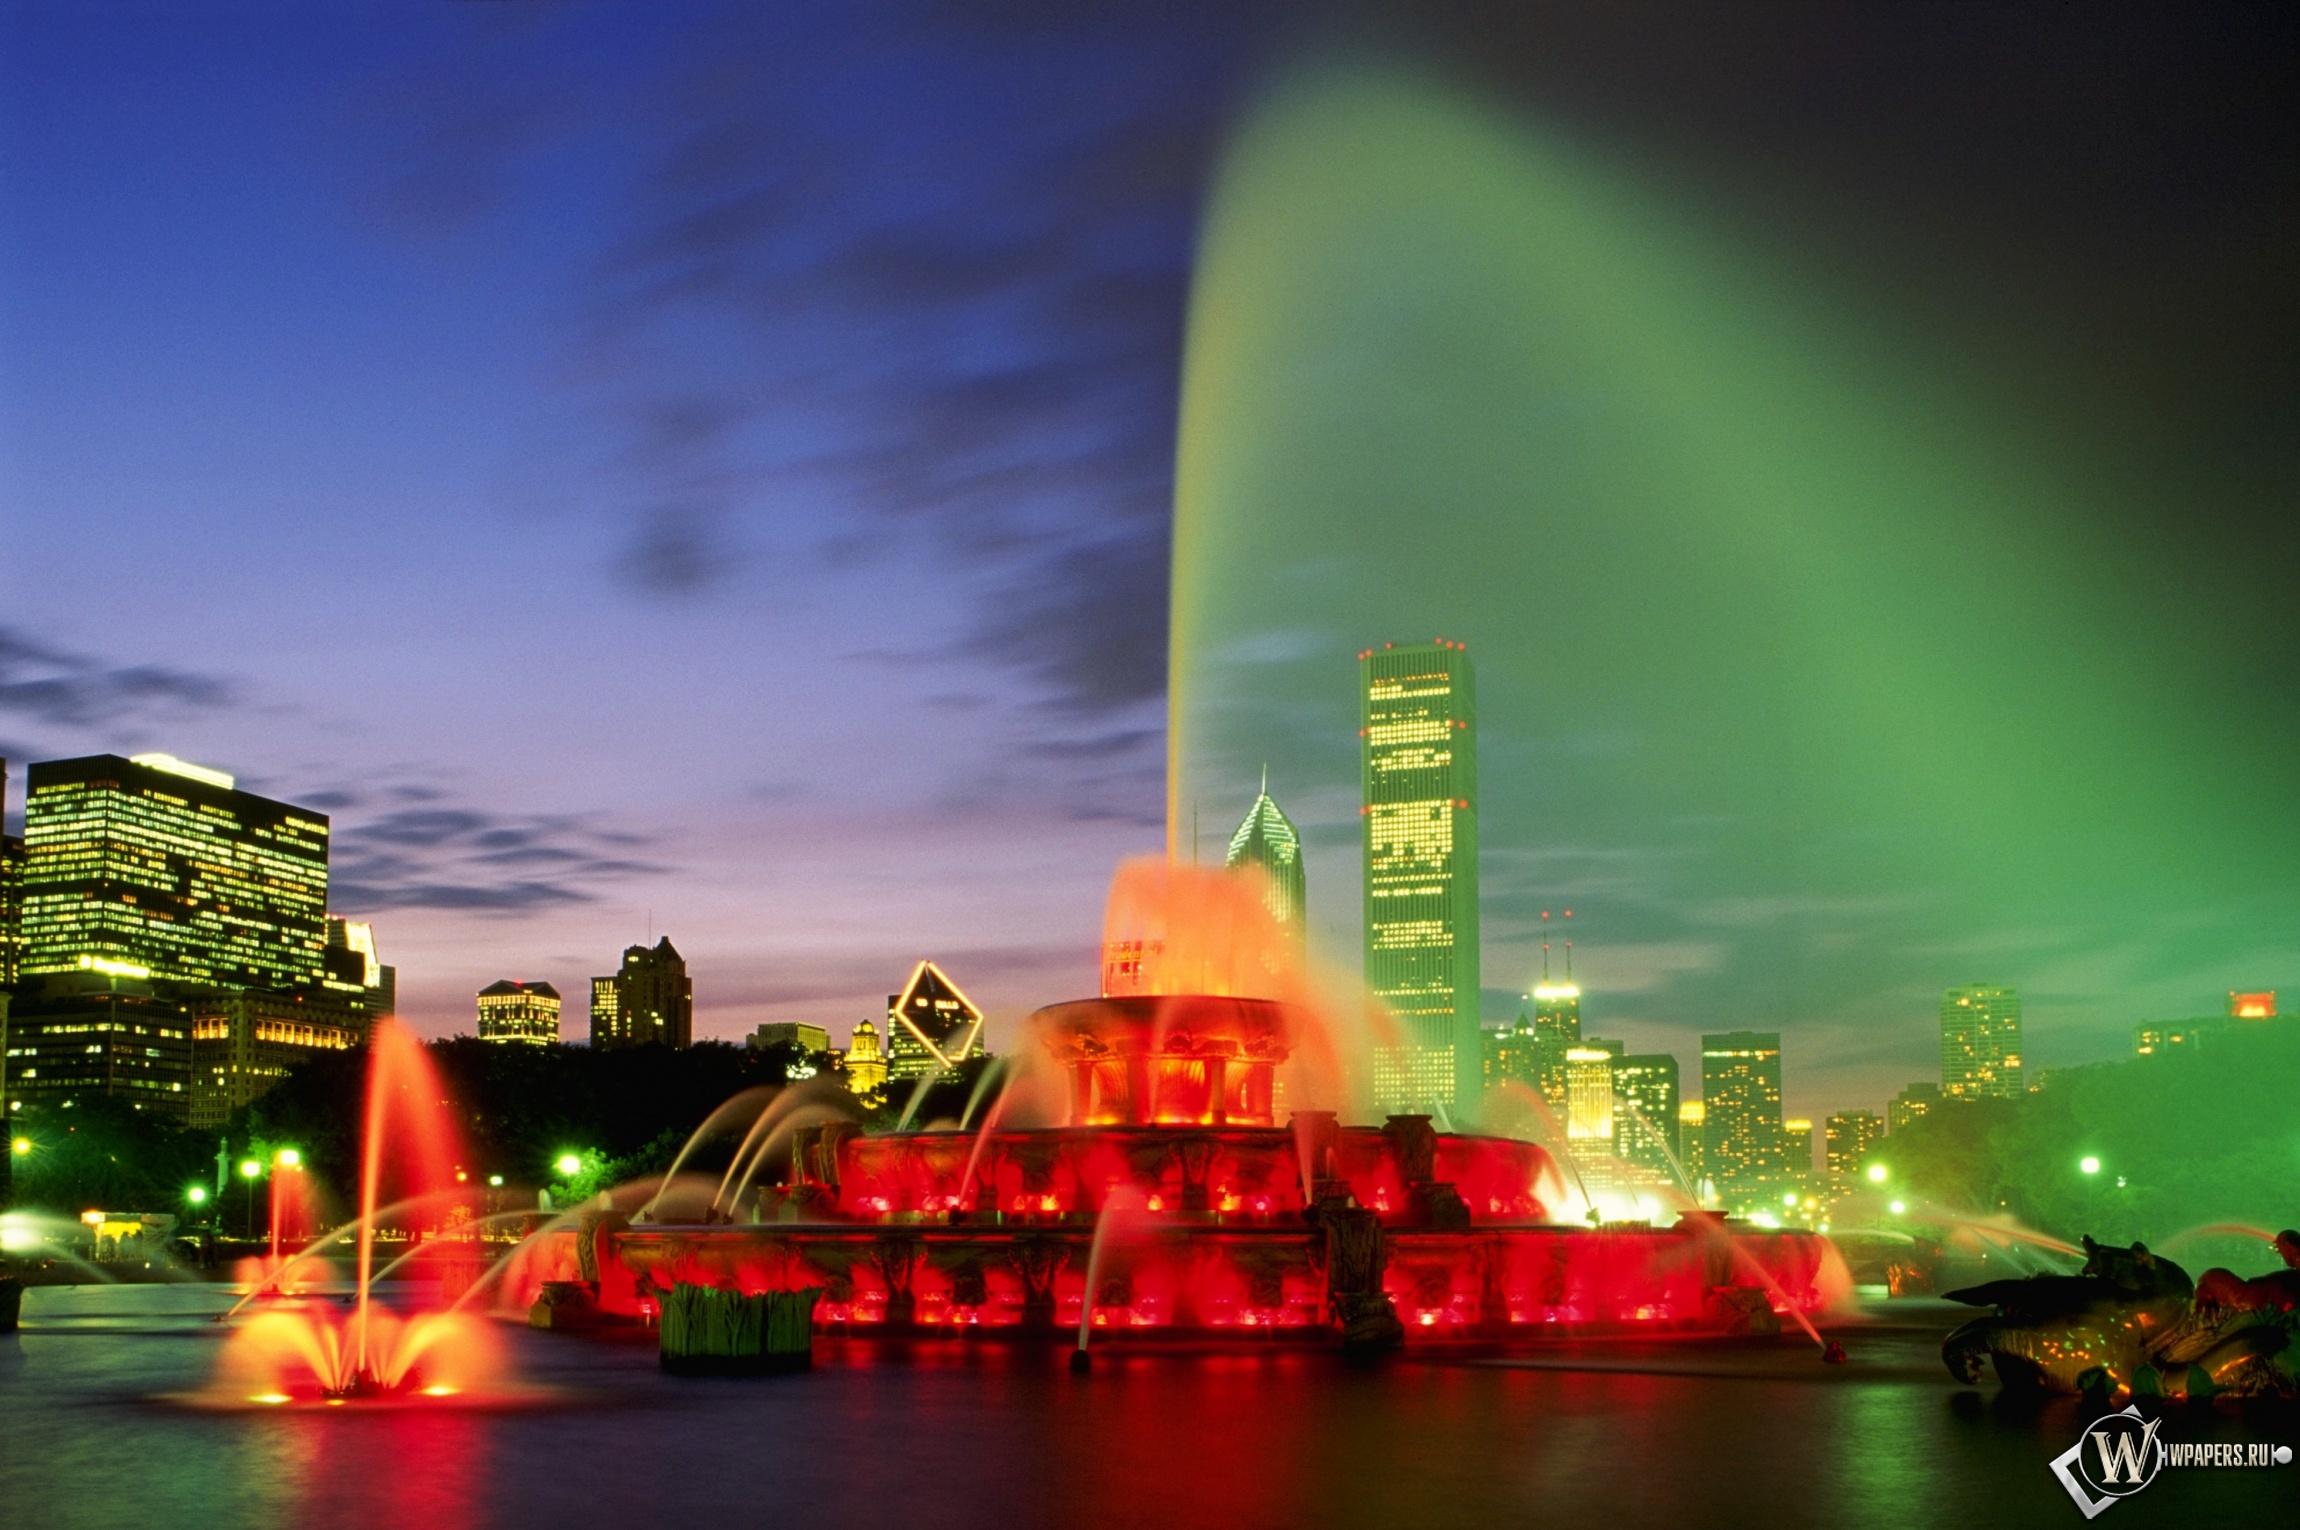 Зелёный ночной фонтан 2300x1530